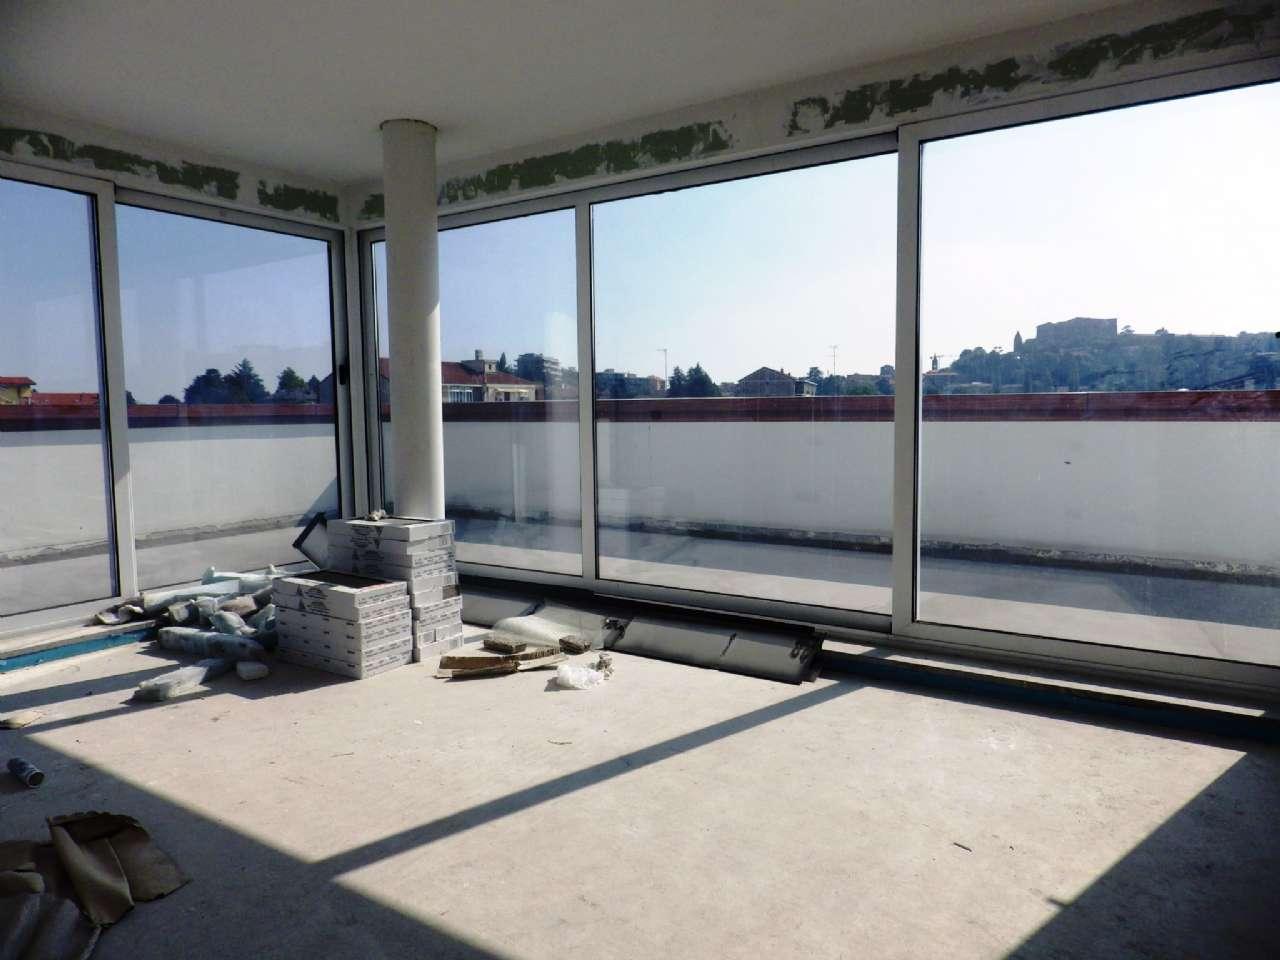 Appartamento in vendita a Rivoli, 5 locali, zona Località: C19, prezzo € 674.000 | CambioCasa.it